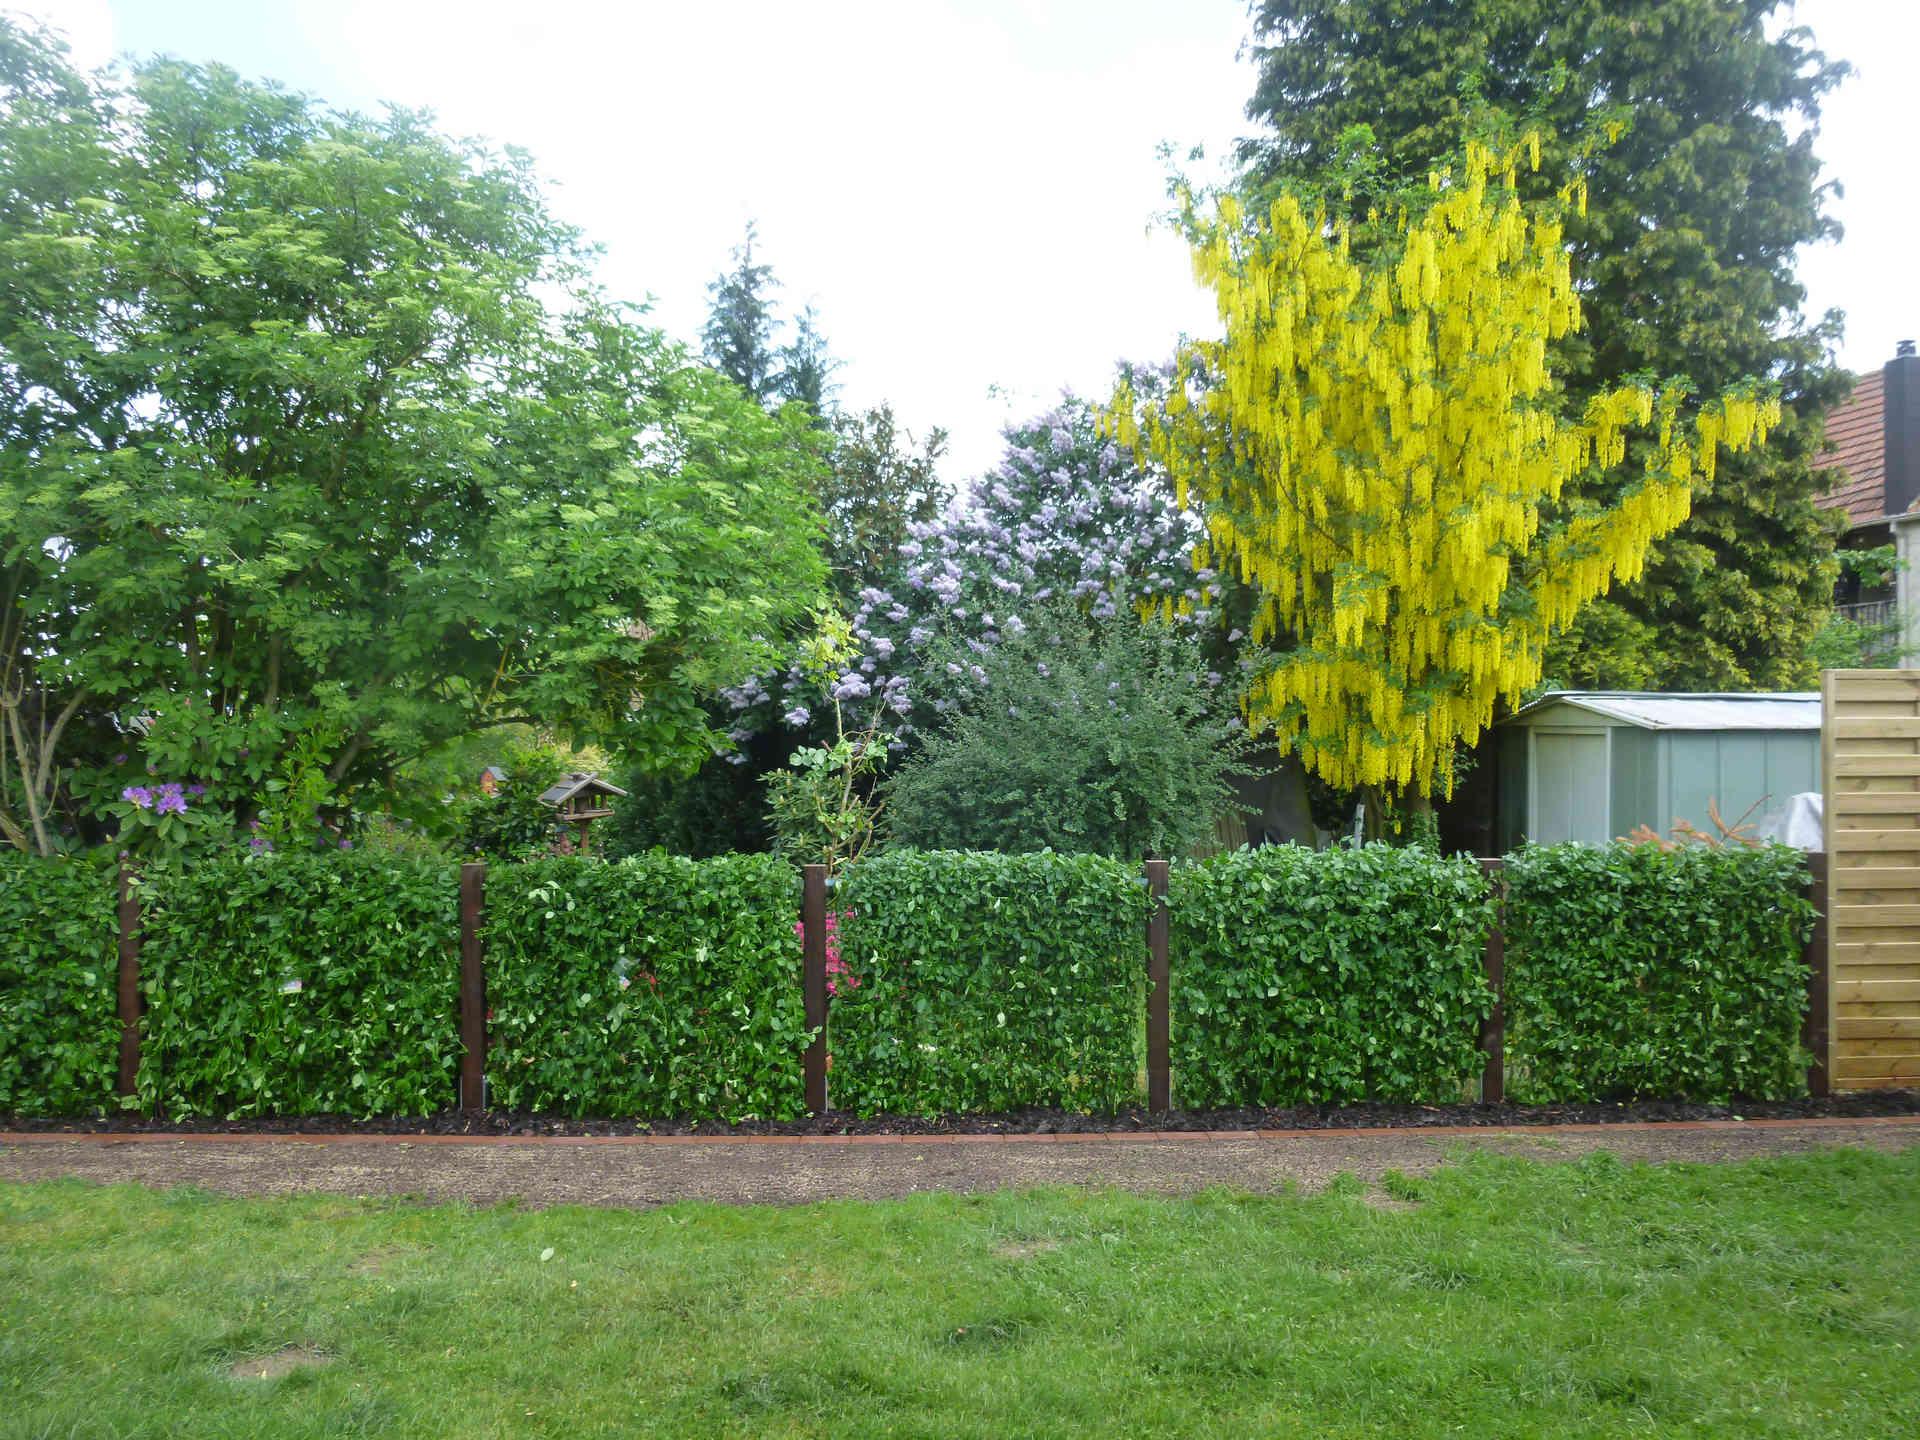 Zaun Und Hecke Als Gruene Gartenbegrenzung